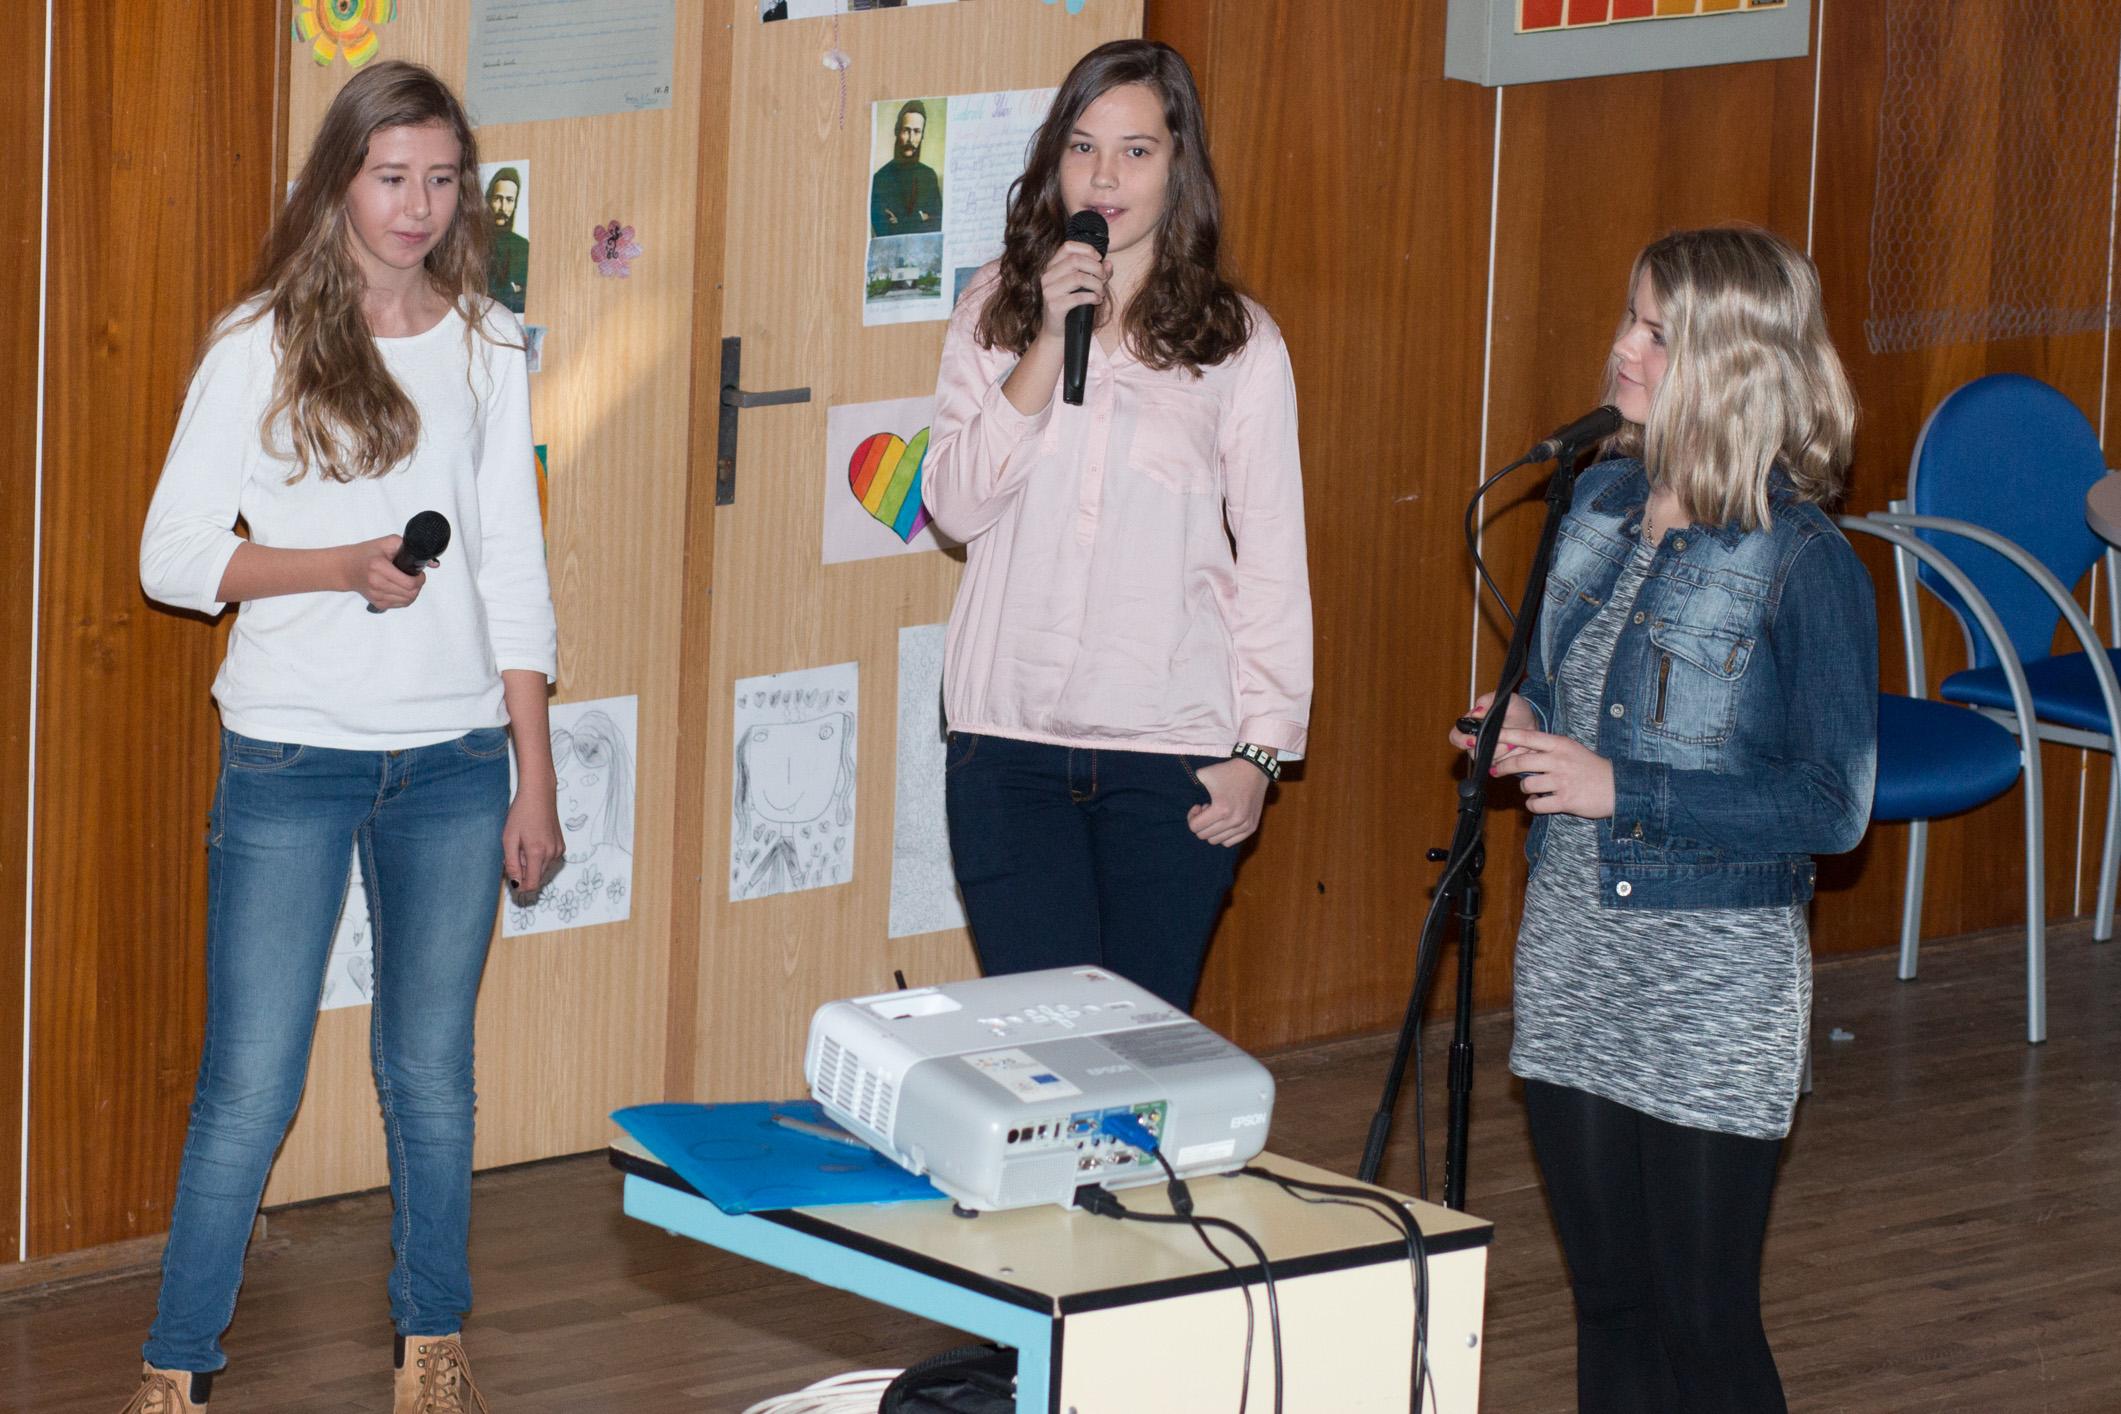 Michaela Majerová, Nina, Mesíková, MartinaHrušková